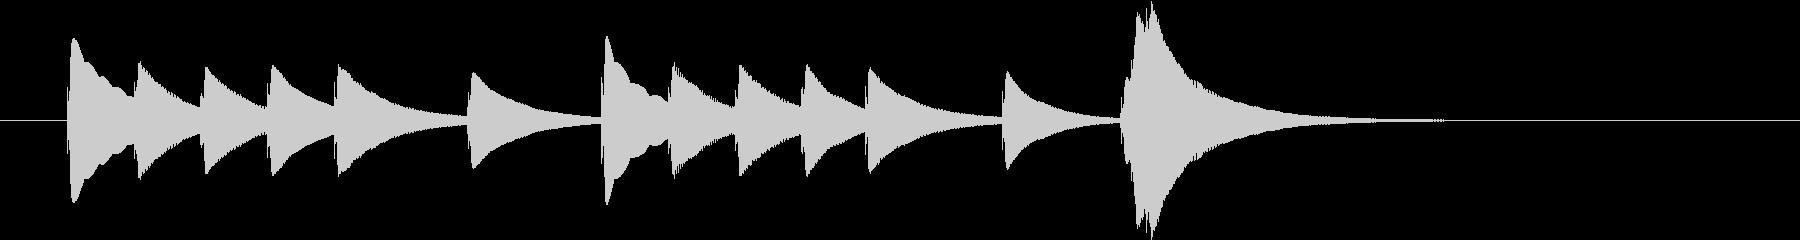 夏効果音_南国の夕べ02の未再生の波形